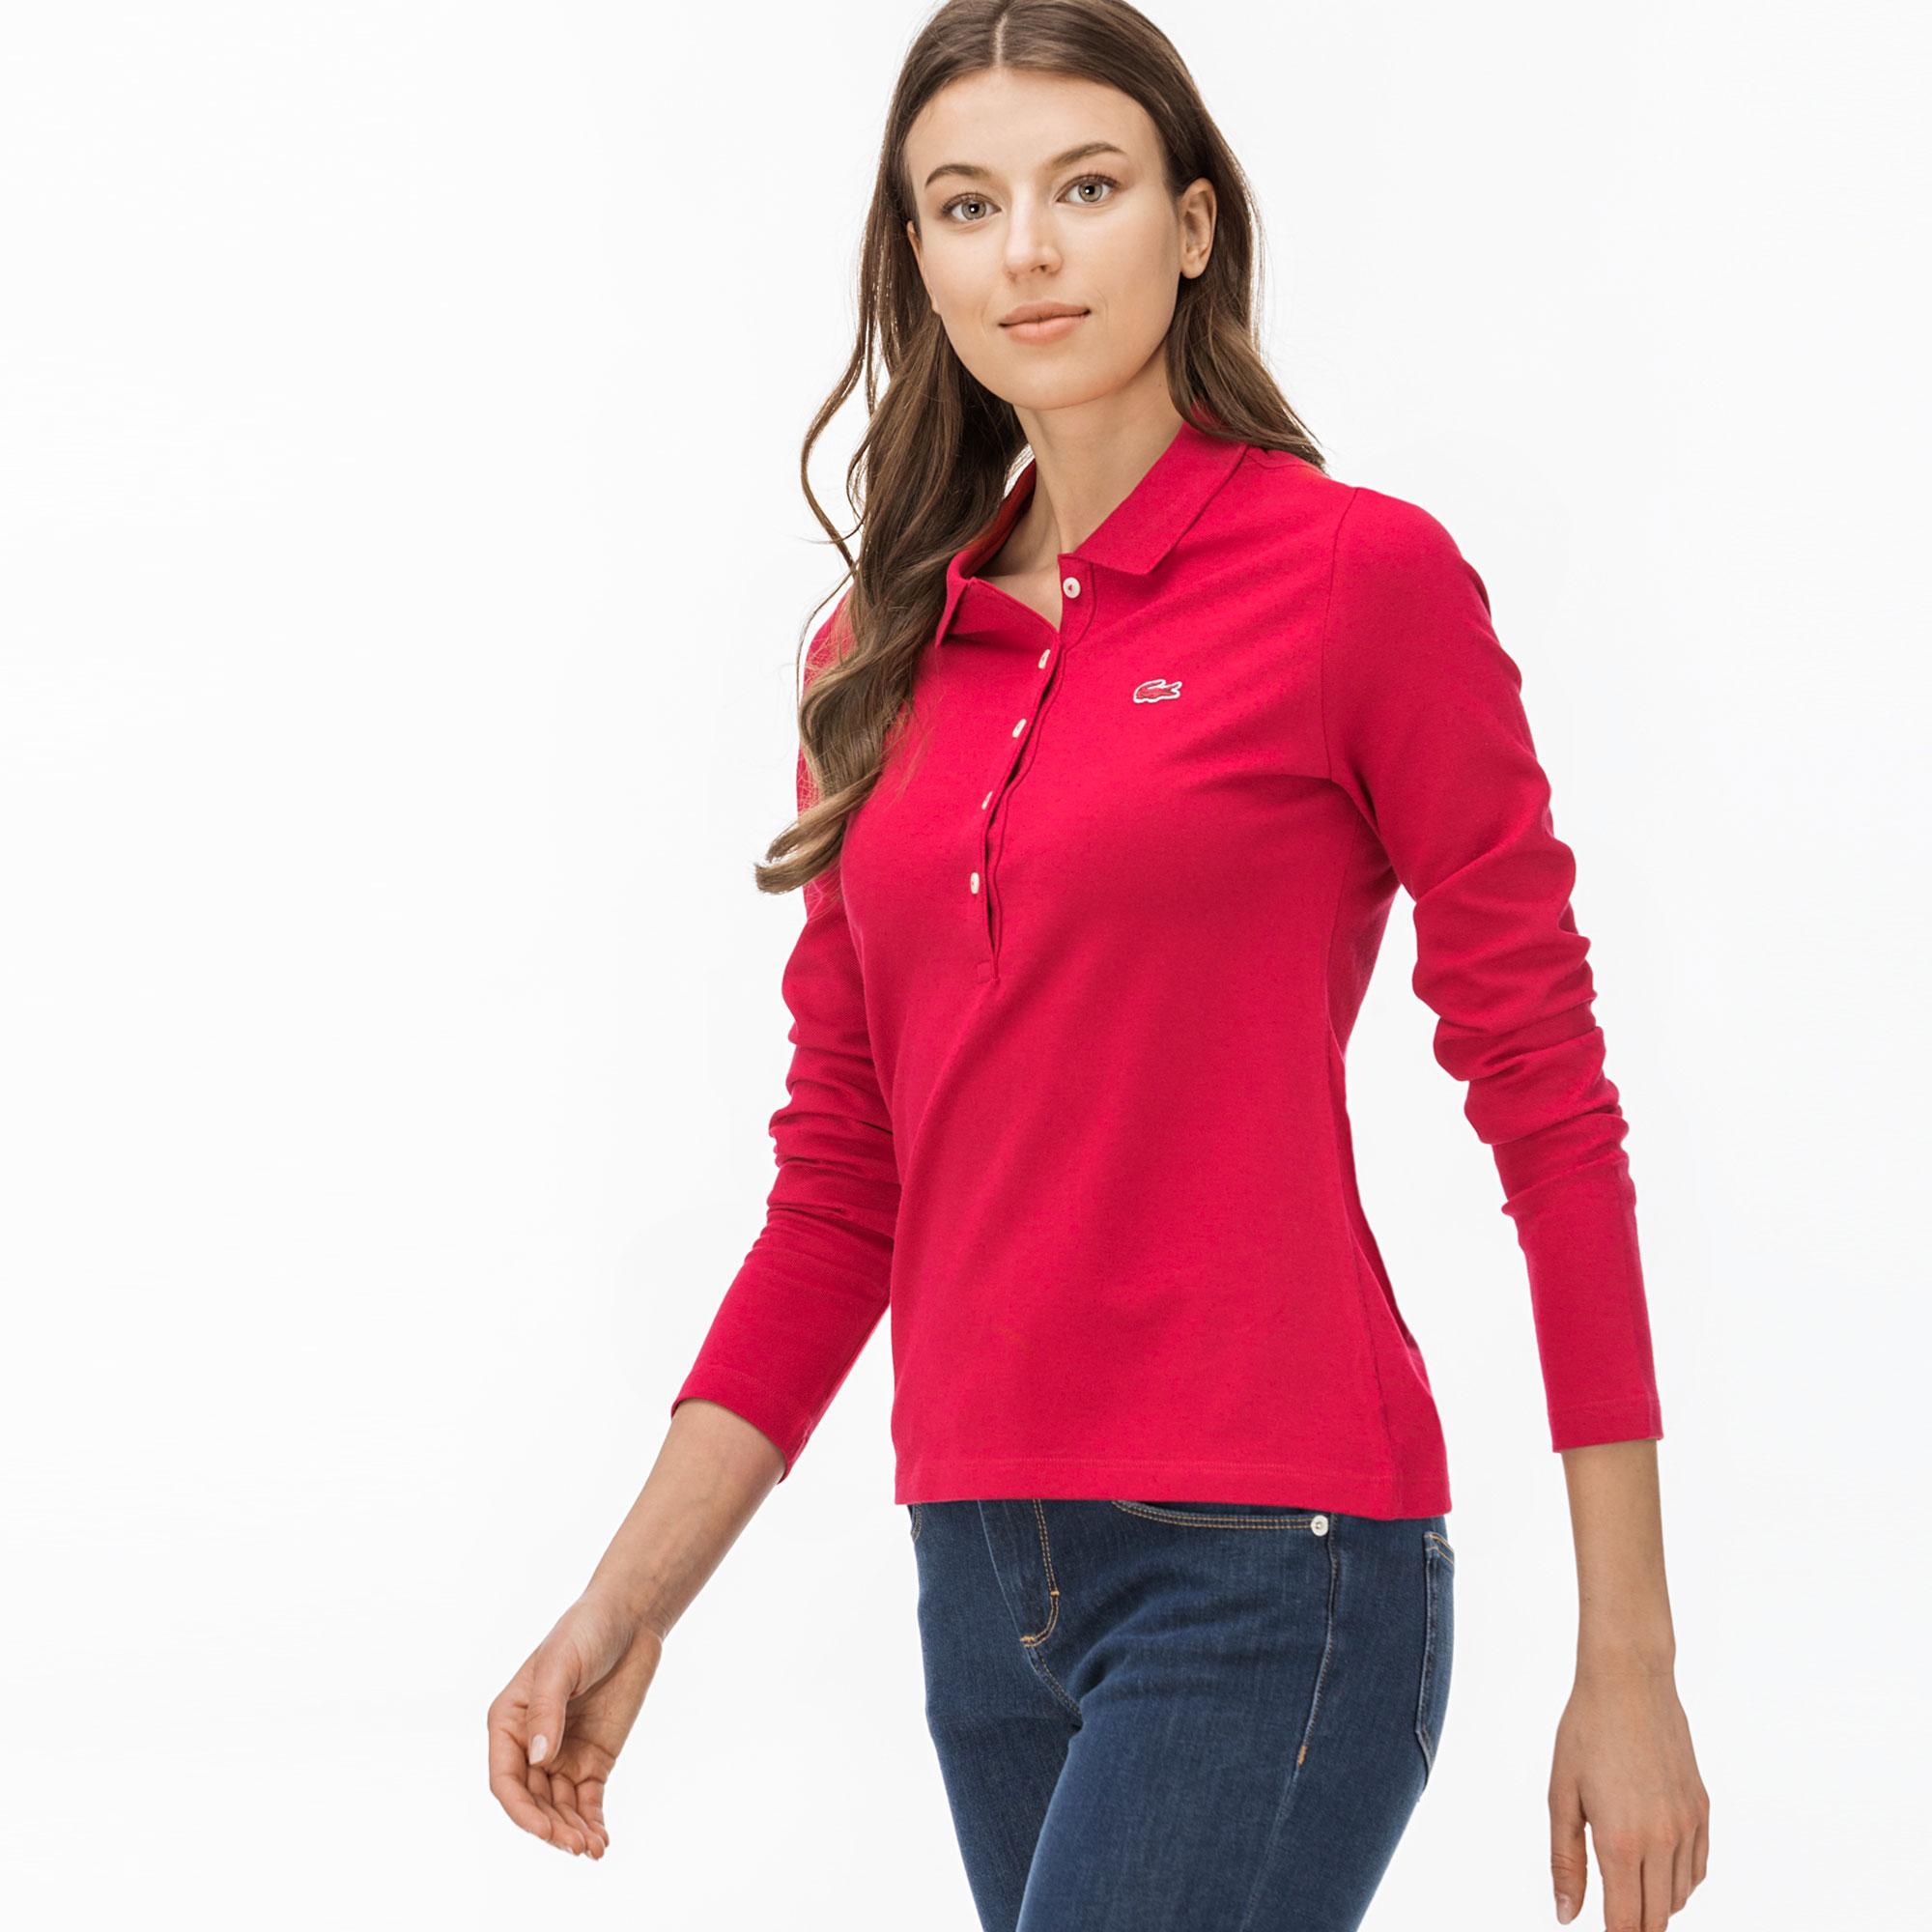 Lacoste Kadın Kırmızı Uzun Kollu Polo